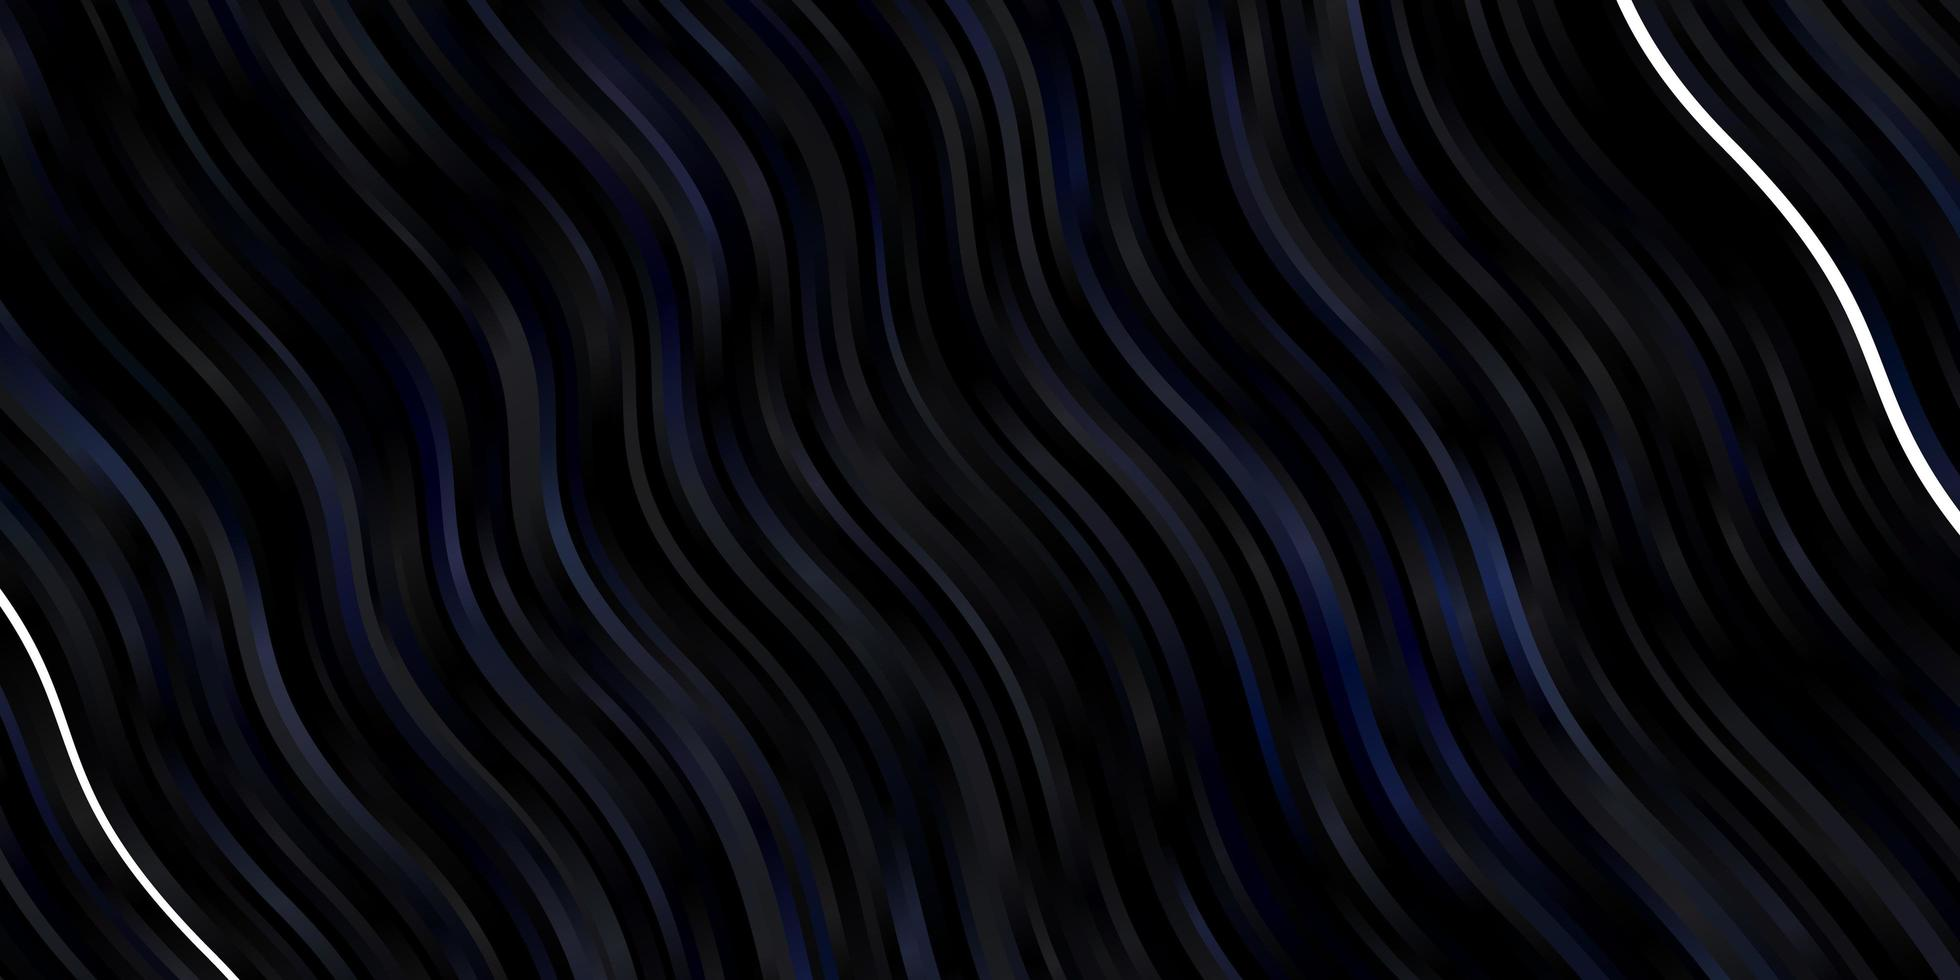 dunkelblauer Vektorhintergrund mit Bögen. vektor